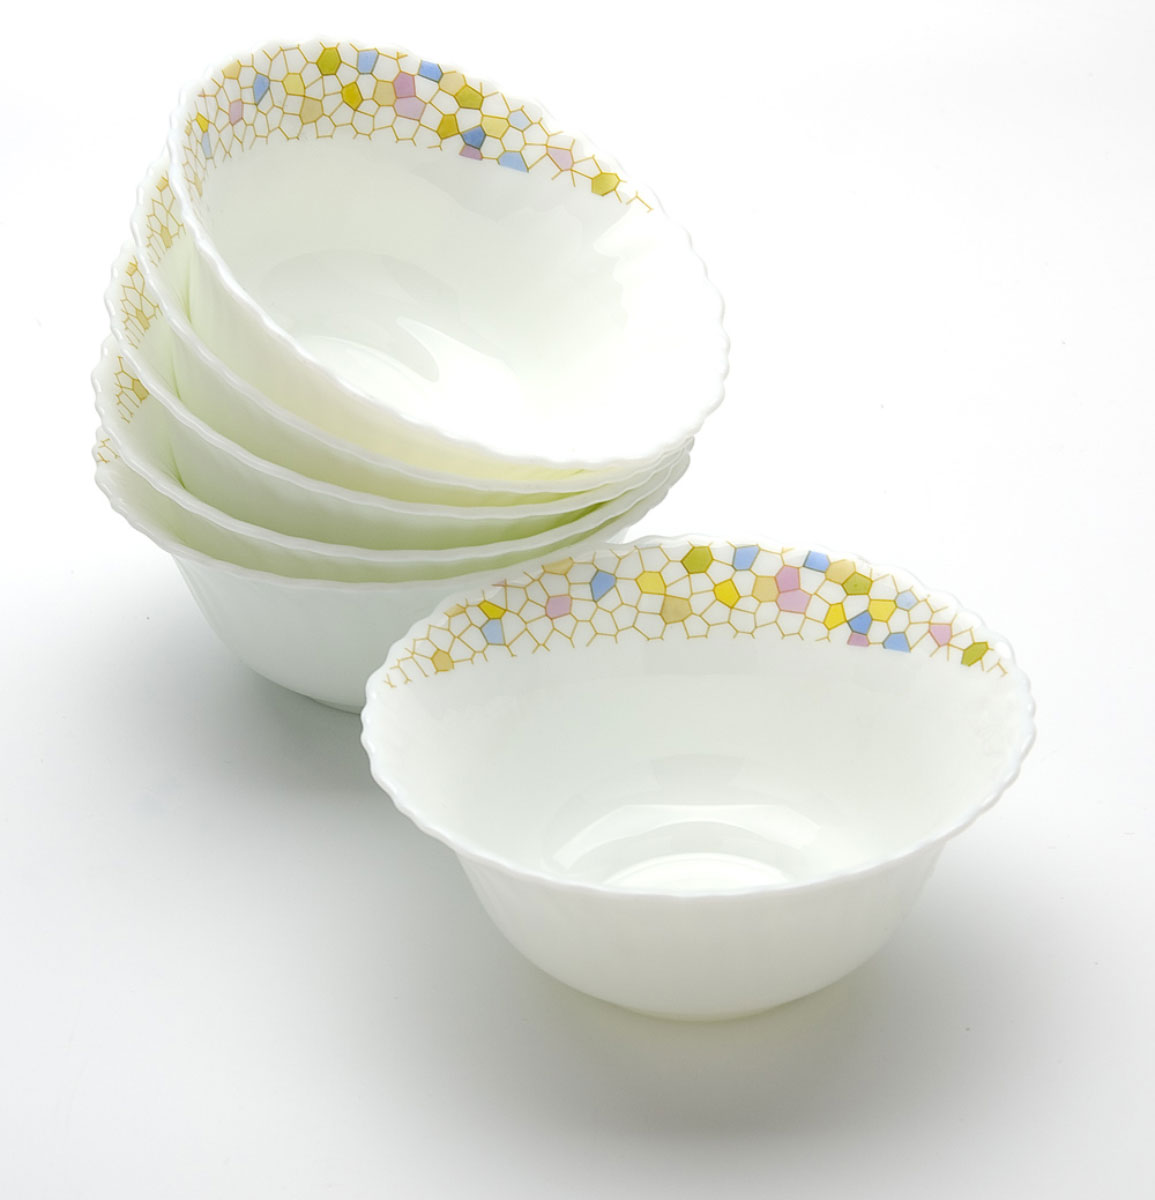 Набор салатников Mayer & Boch, 580 мл, 4 шт. 2318723187Набор Mayer & Boch включает 4 салатника, выполненных из стеклокерамики (опалового стекла) и украшенных нежным рисунком. Посуда обладает гладкой непористой поверхностью, не впитывает запахи, легко моется. Такой набор послужит отличным подарком к любому празднику, а также добавит элегантности и уюта любому праздничному столу. Подходит для мытья в посудомоечной машине.